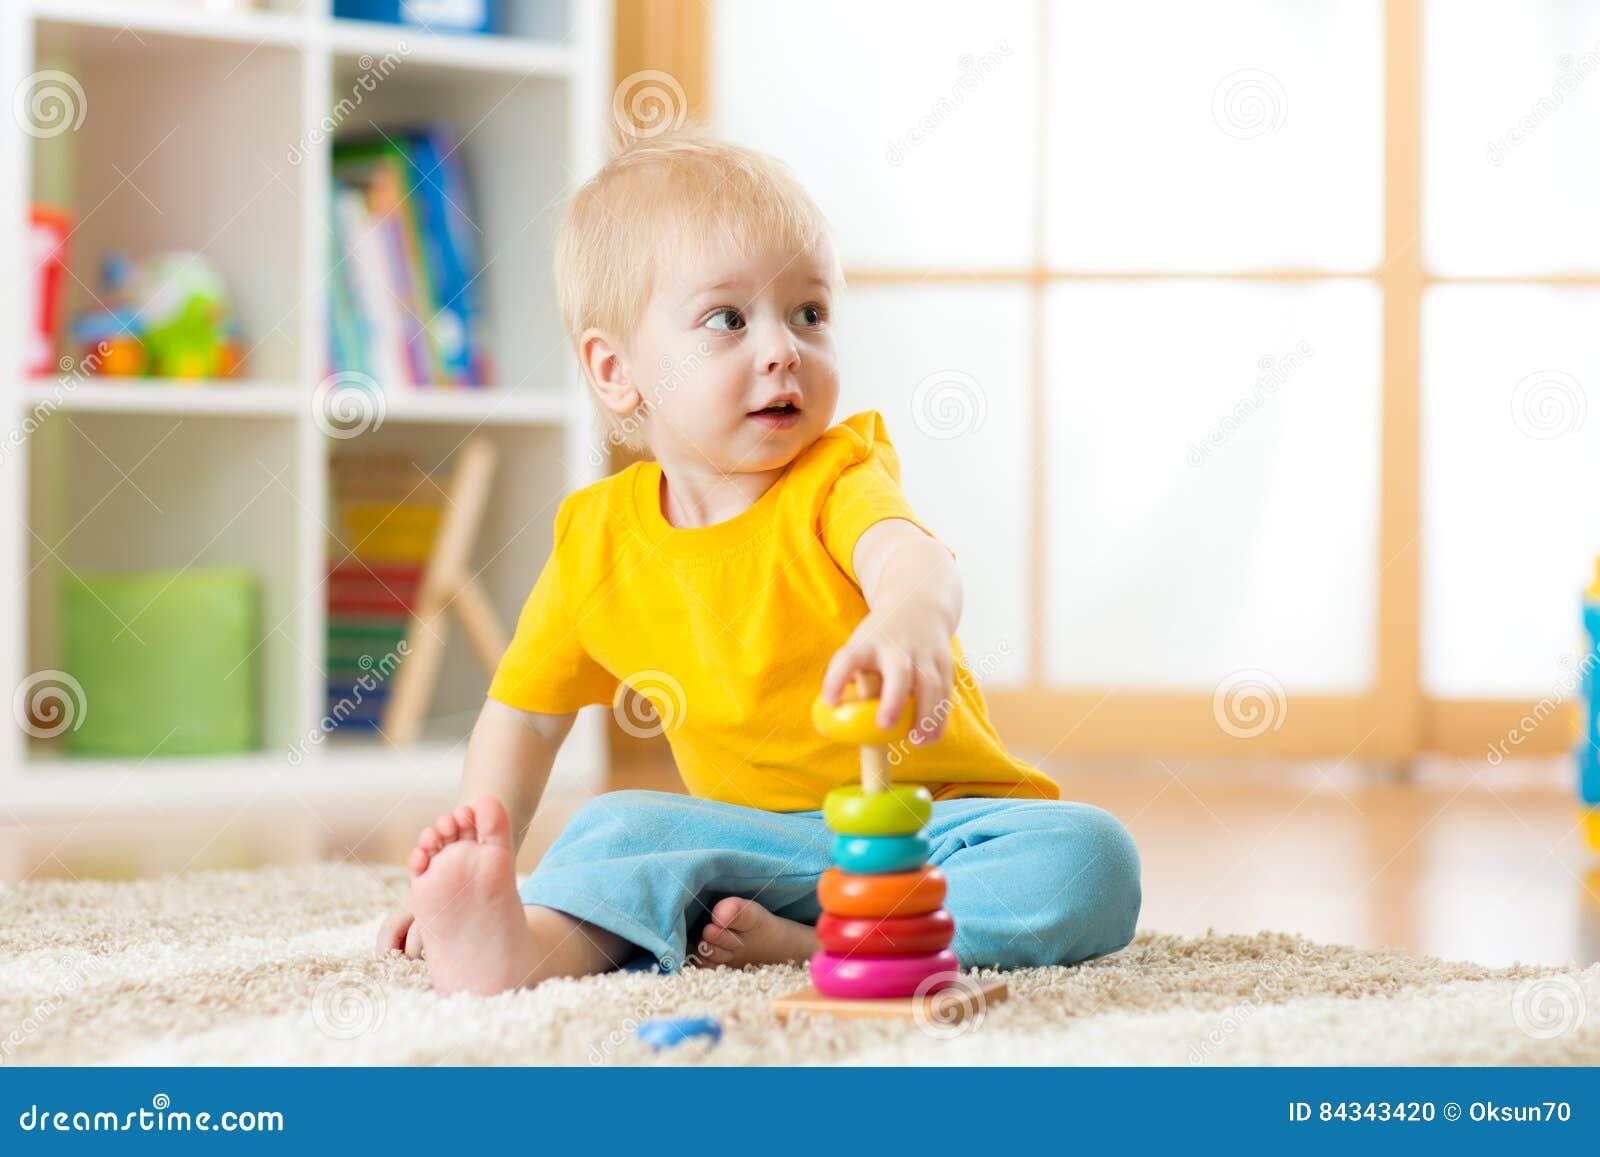 Retrato del muchacho lindo del niño que monta el juguete colorido de la pirámide en piso en la sala de estar